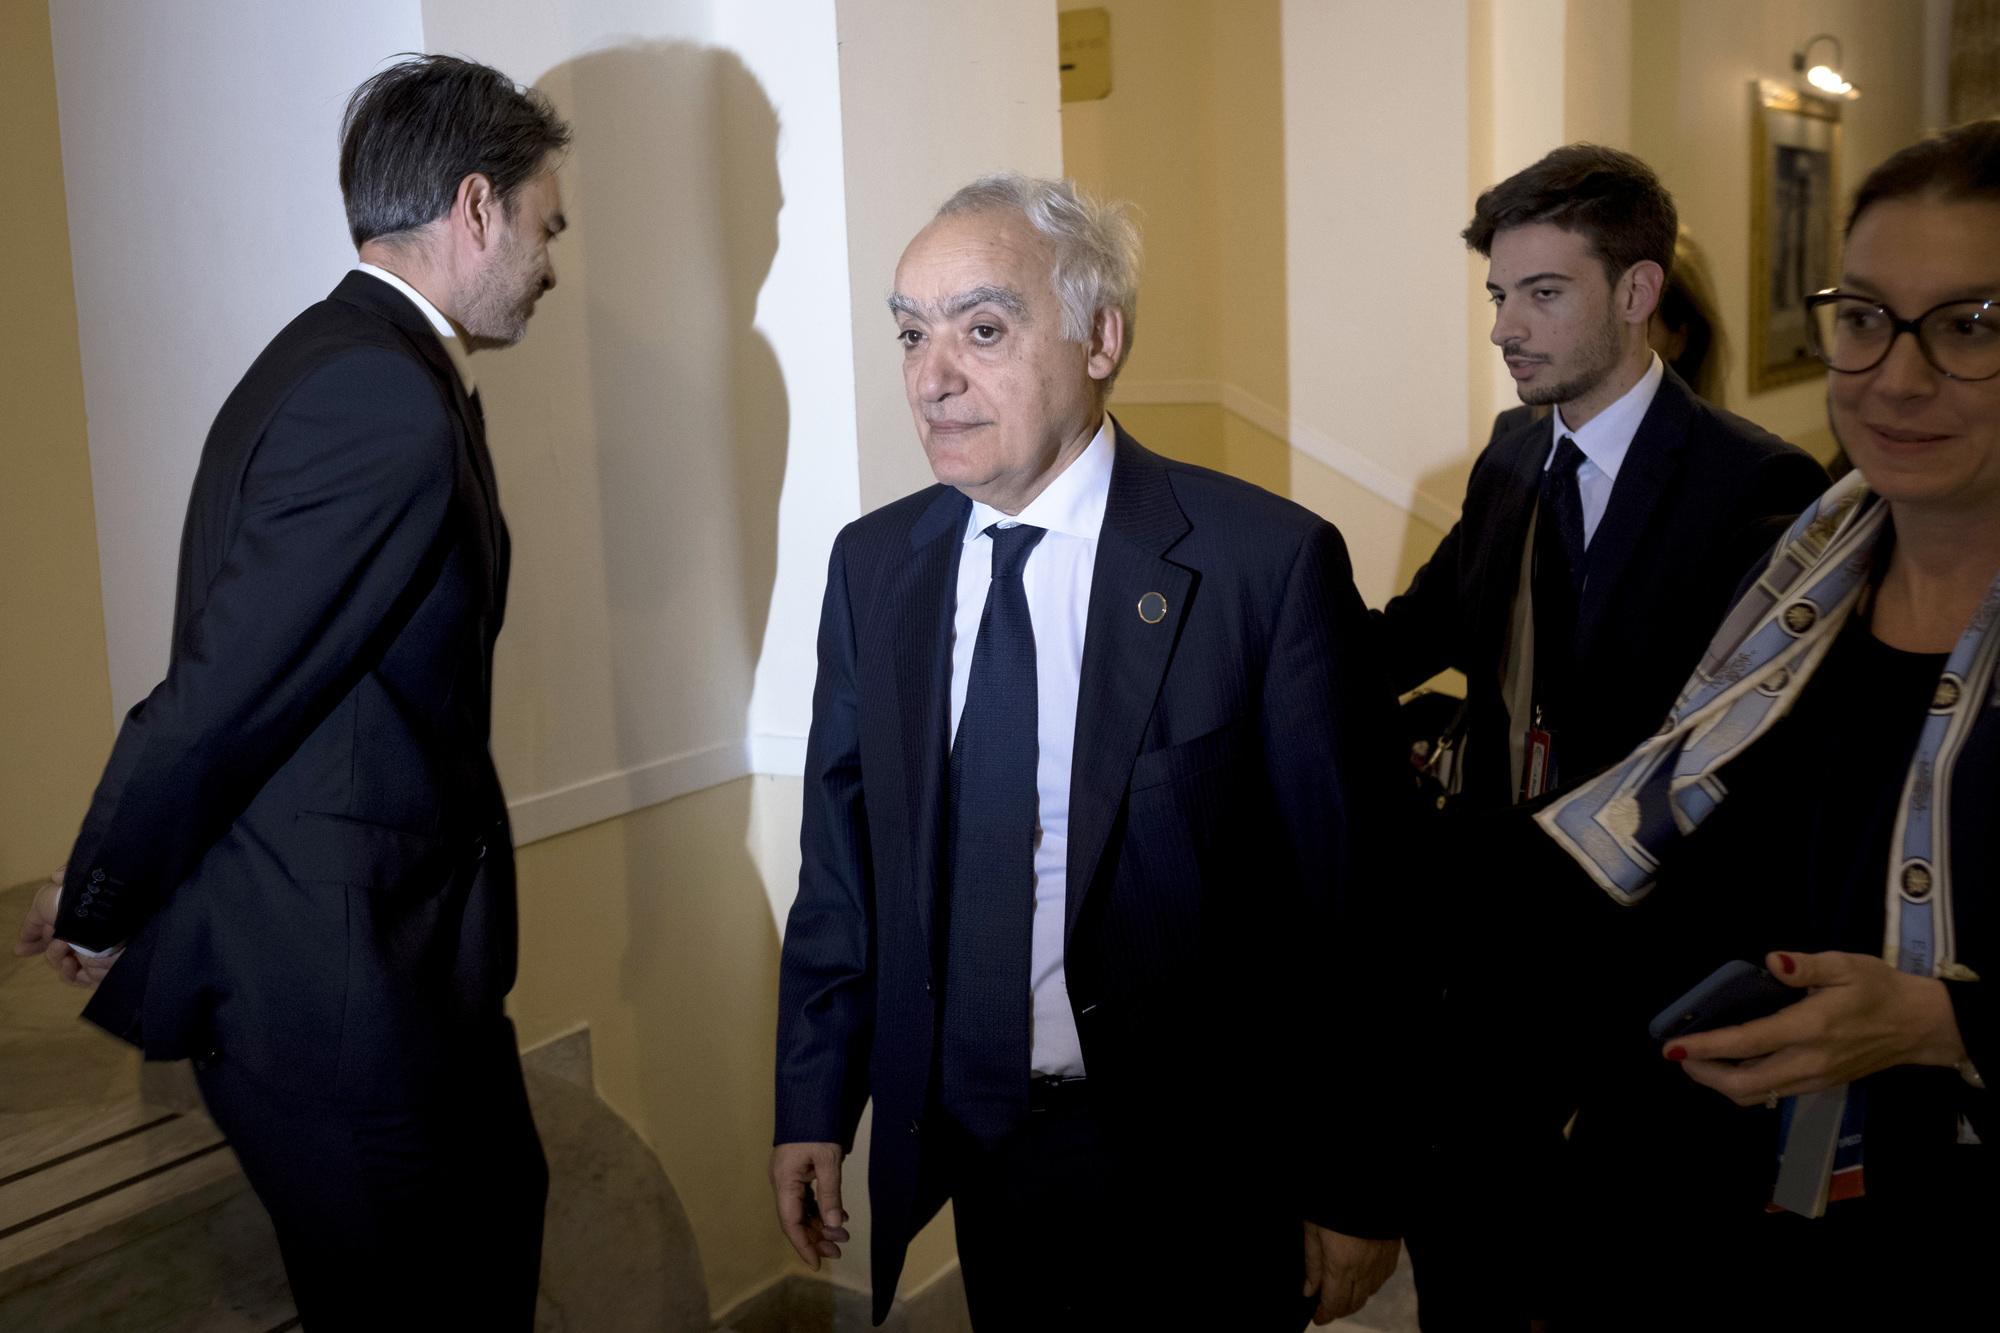 L'envoyé spécial de l'ONU pour la Libye Ghassan Salamé, le 13 novembre 2018 à Palerme (Italie).